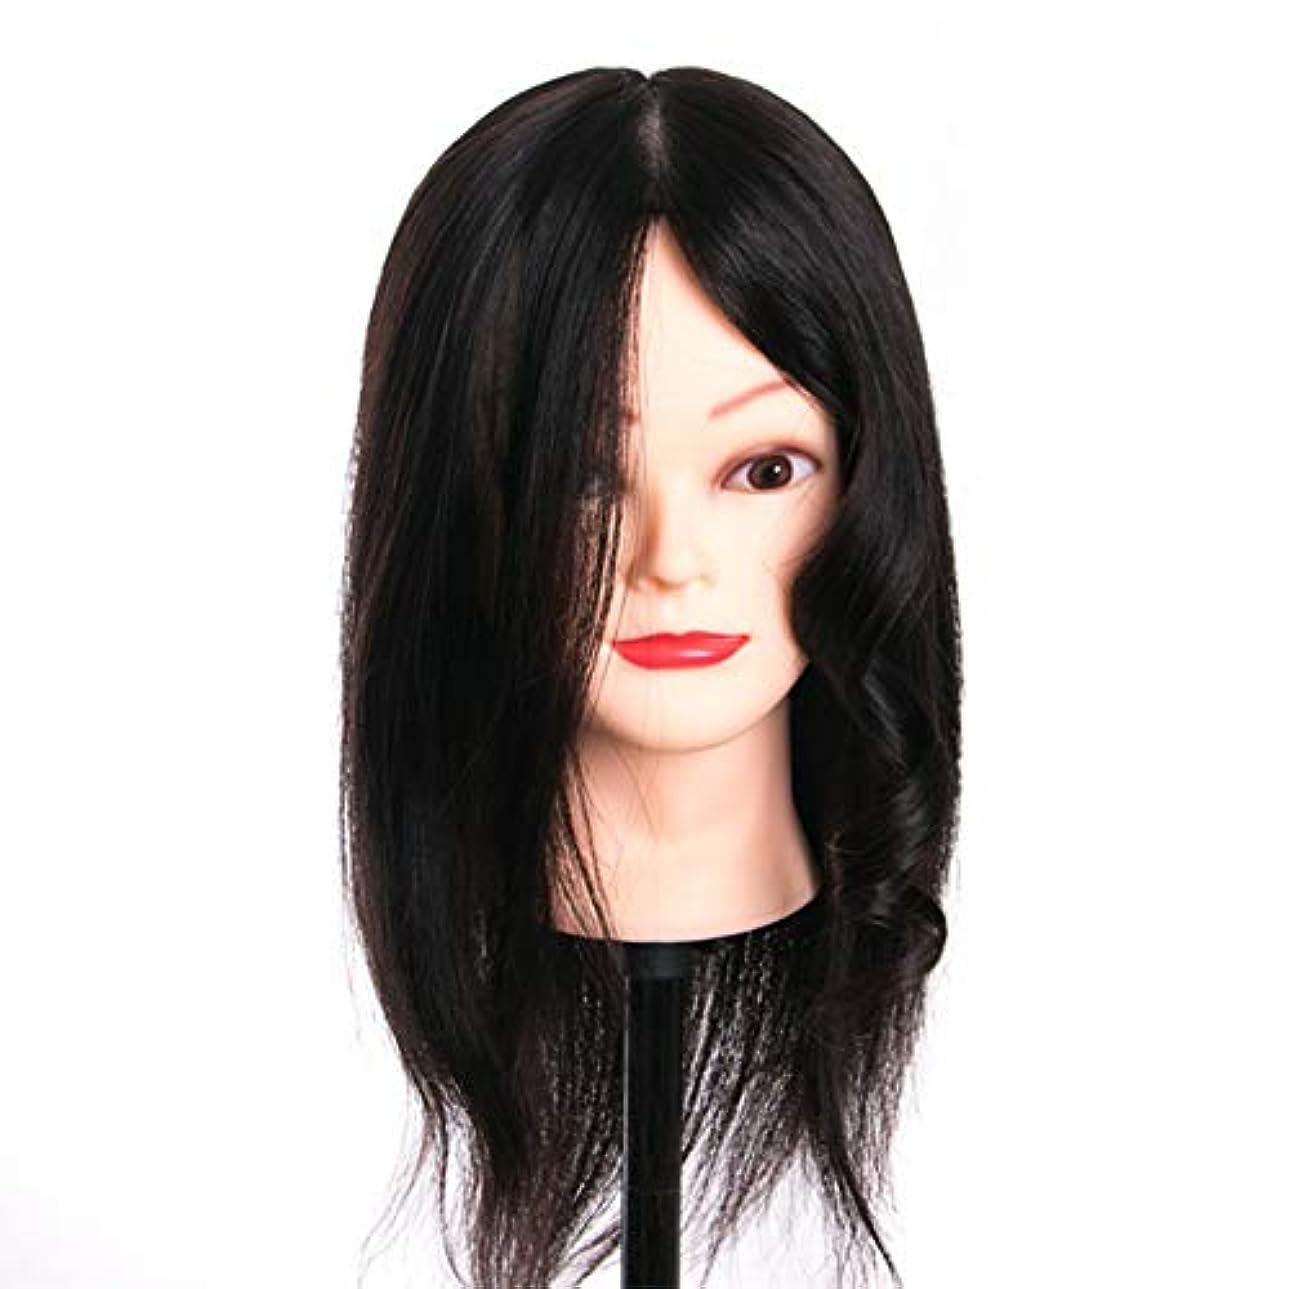 である宣言する知性メイクディスクヘアスタイリング編み教育ダミーヘッドサロンエクササイズヘッド金型理髪ヘアカットトレーニングかつら3個